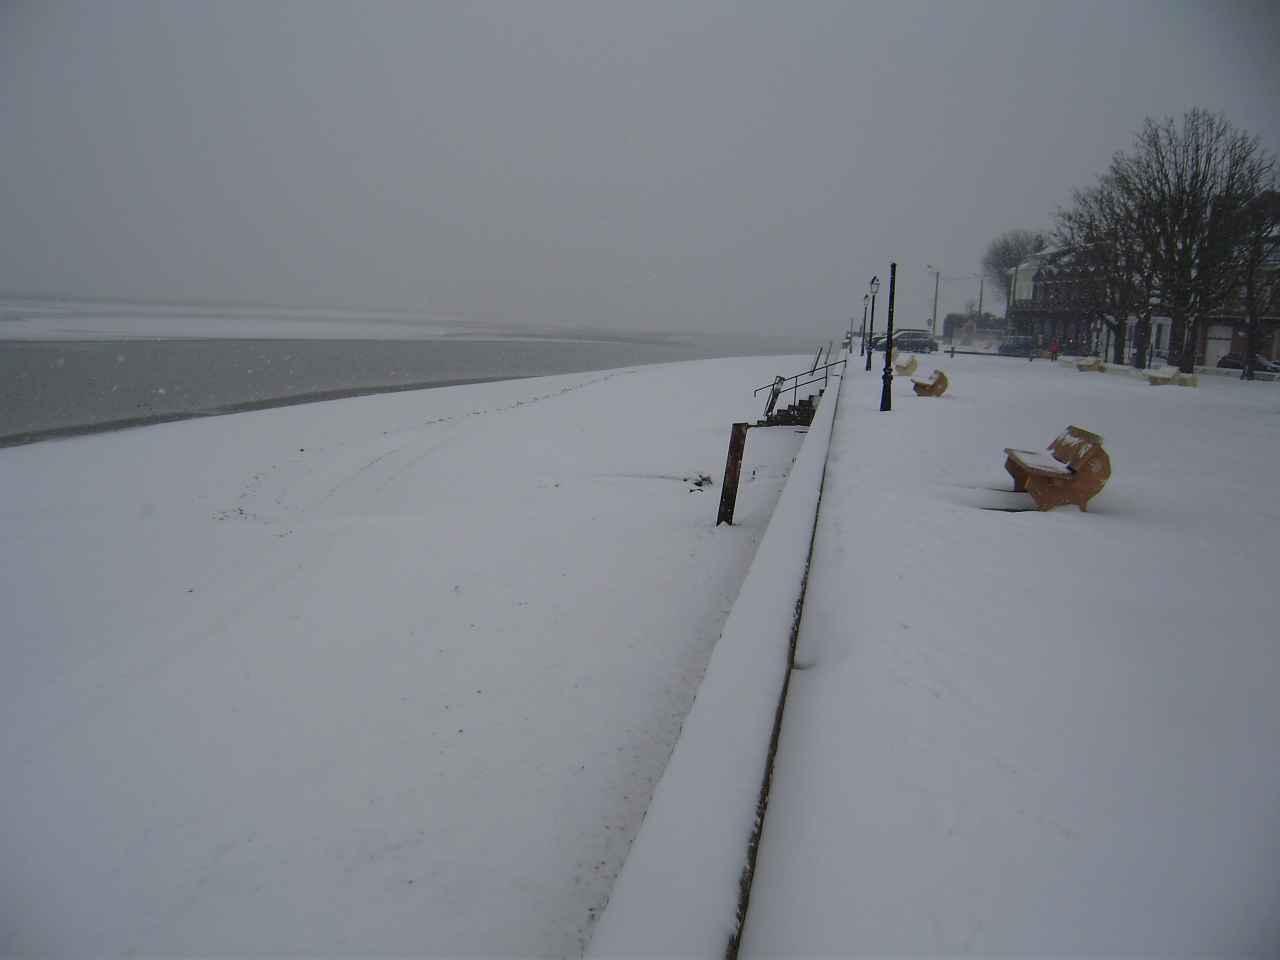 La neige sur la plage janvier 2013